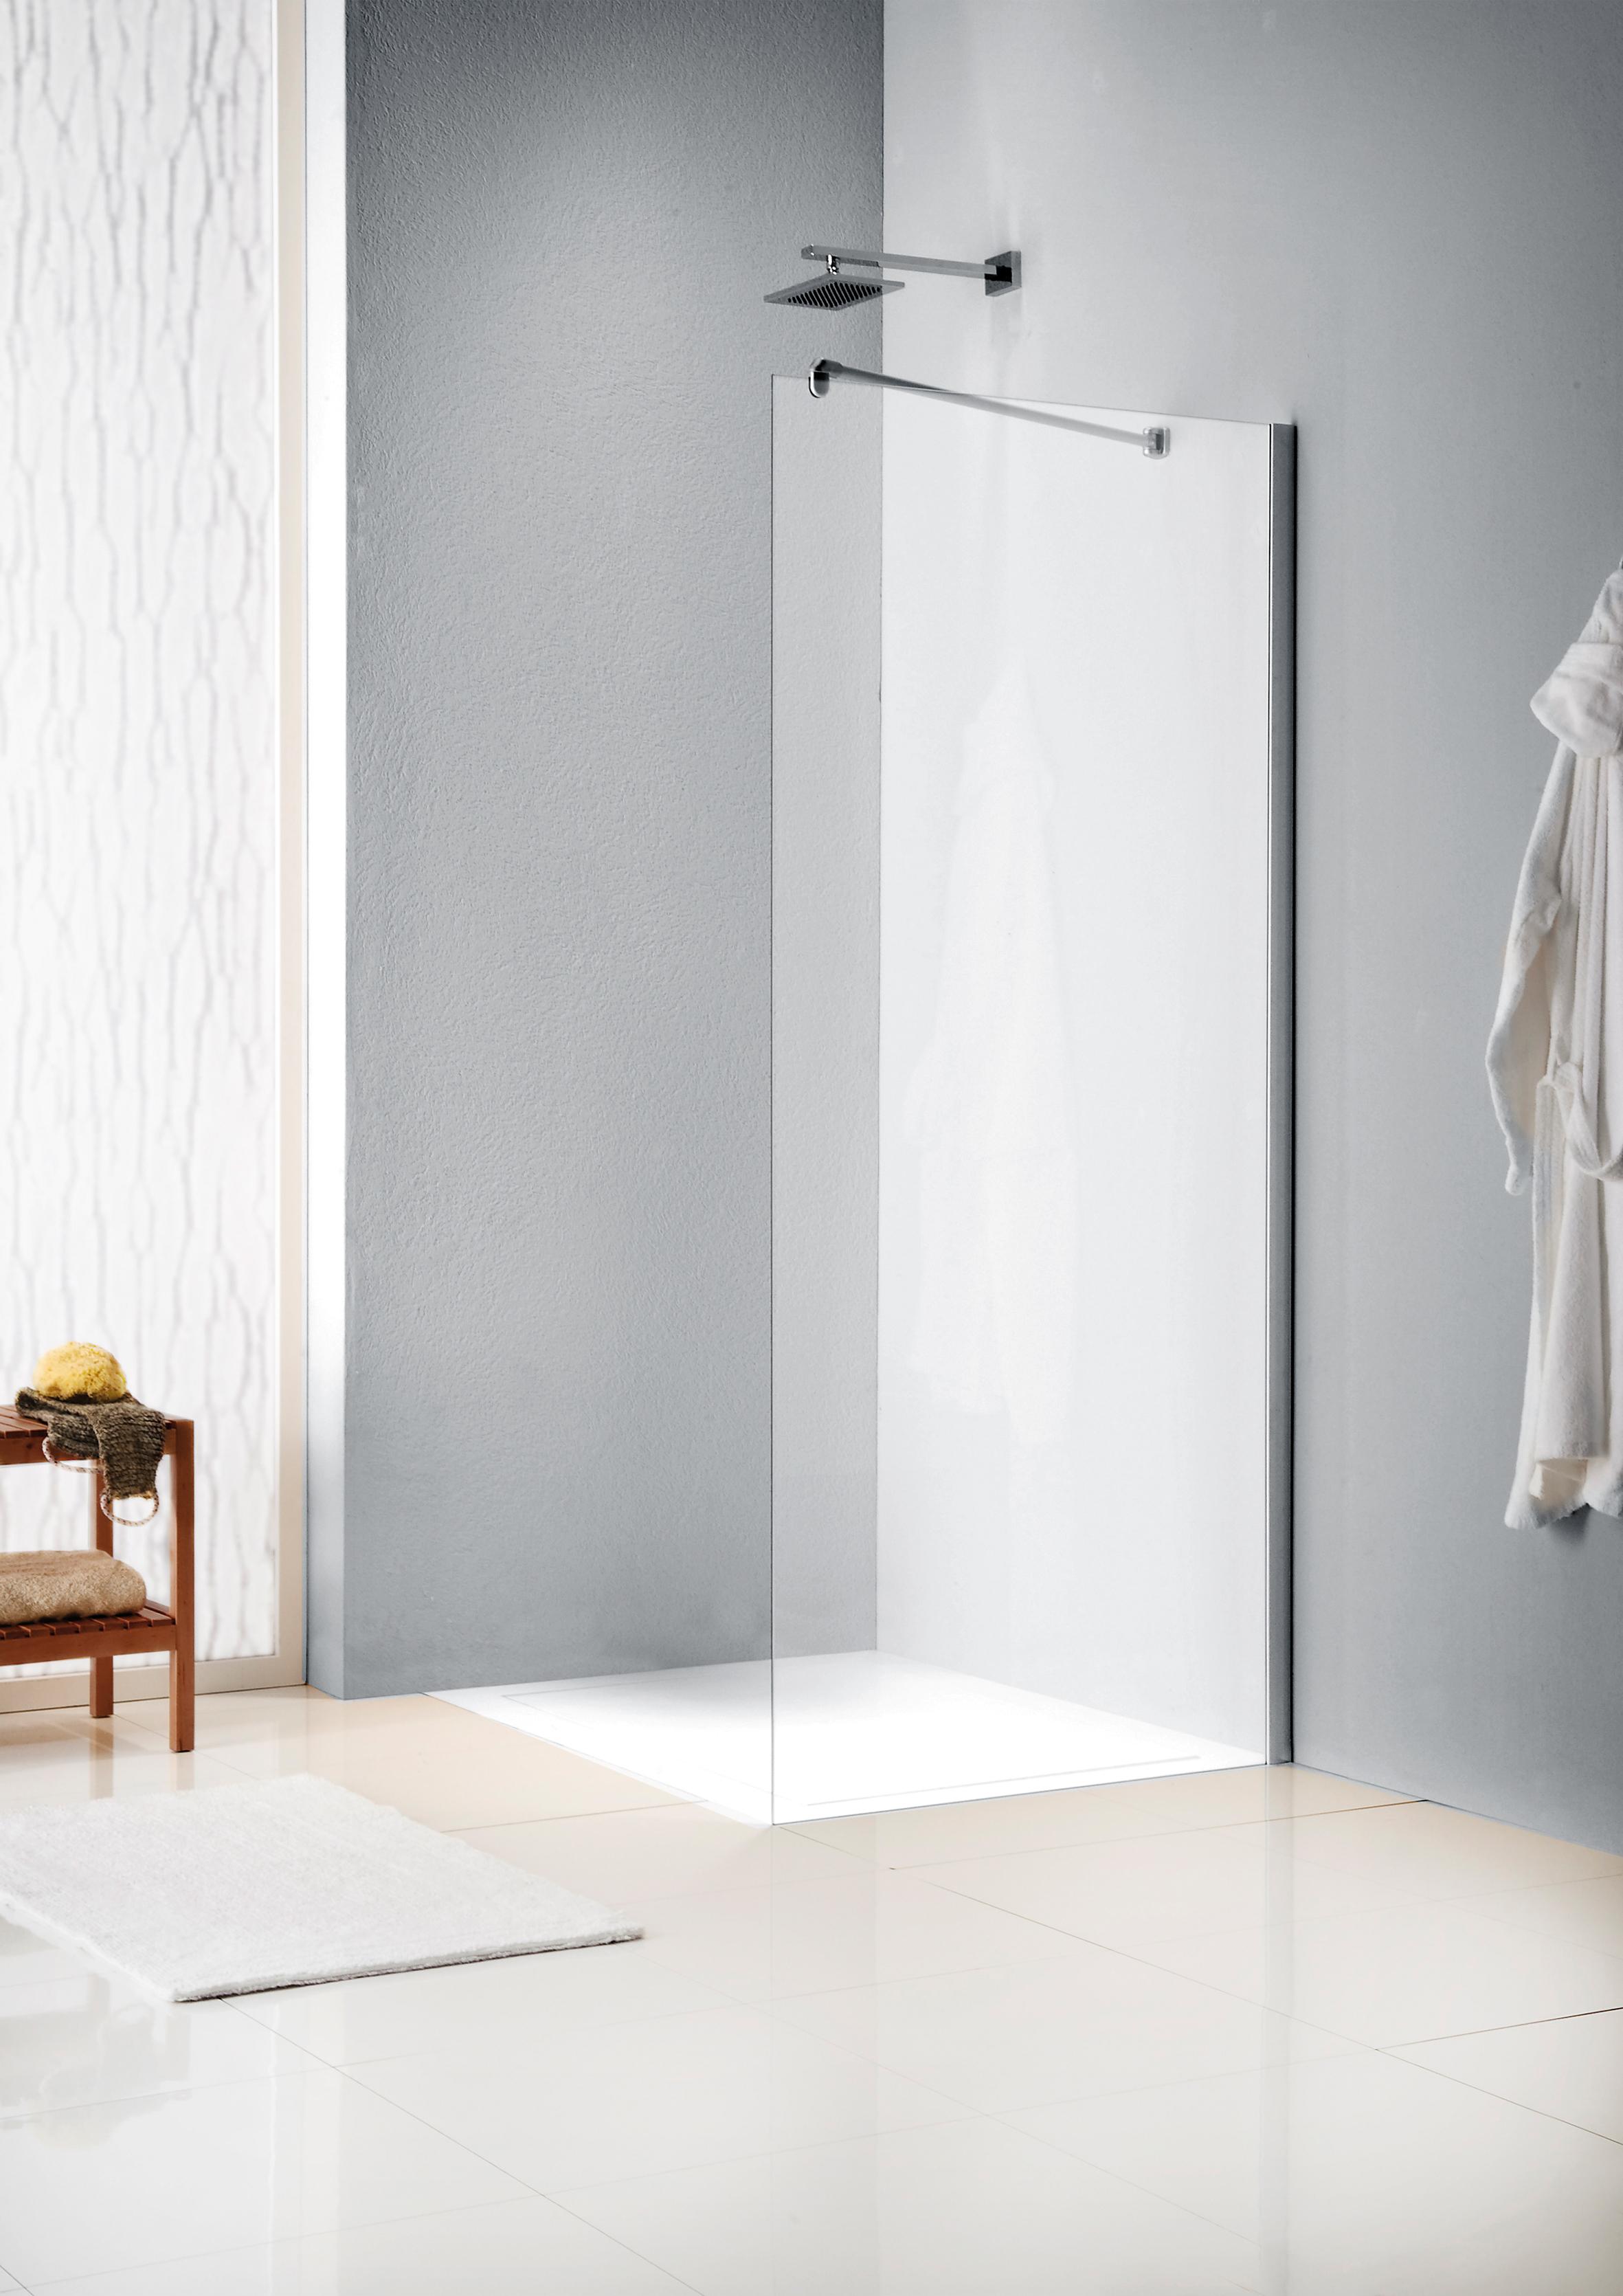 Sealskin Get Wet W205 inloopdouche 100x200cm mat zilver profiel en helder glas met gesatineerde band